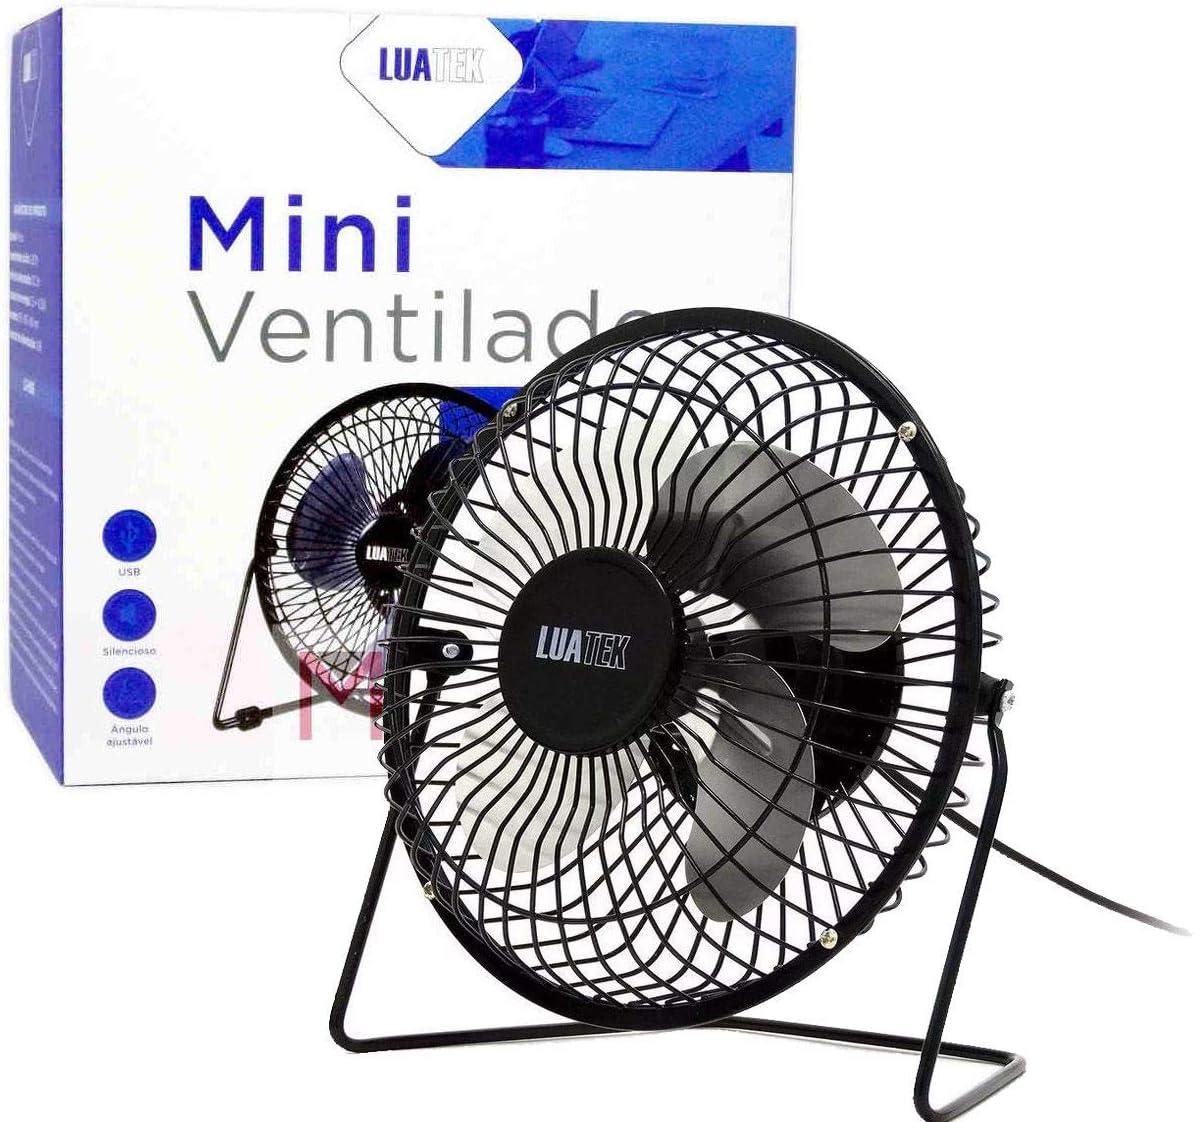 Mini Ventilador USB de Mesa Ângulo Ajustável - LS-904